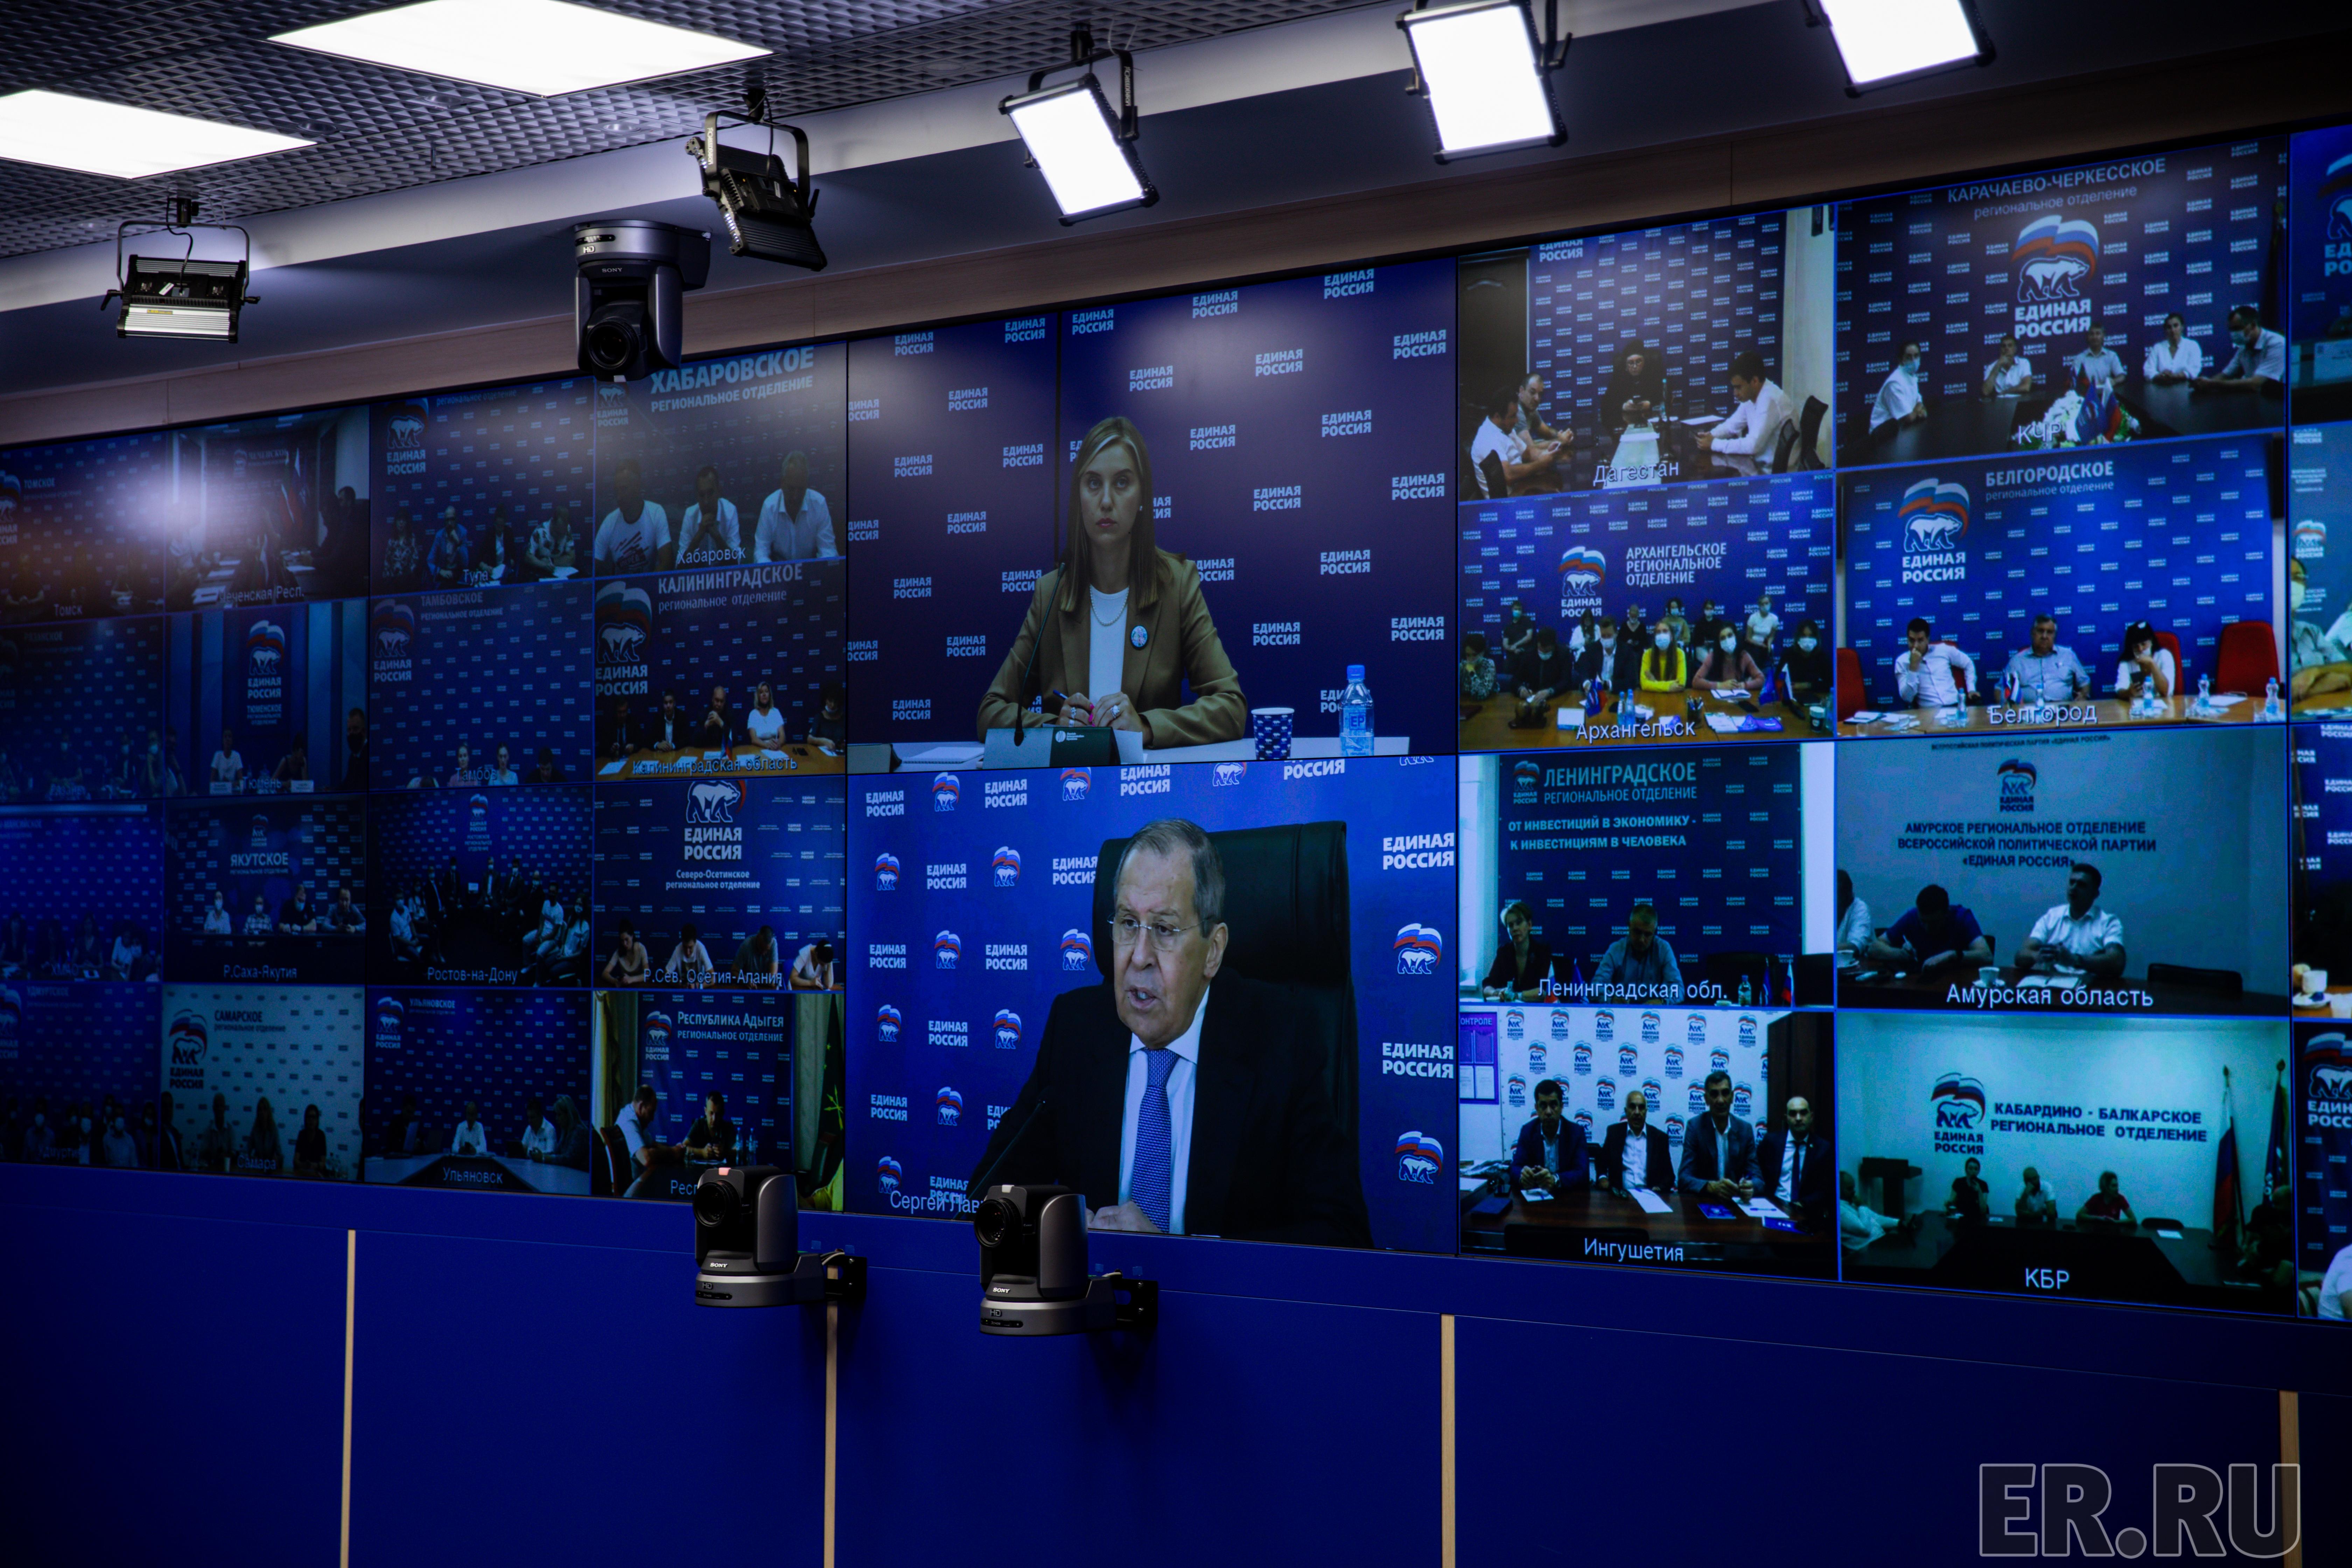 Вебинар Сергея Лаврова «Внешняя политика России: успехи, вызовы, задачи и перспективы»